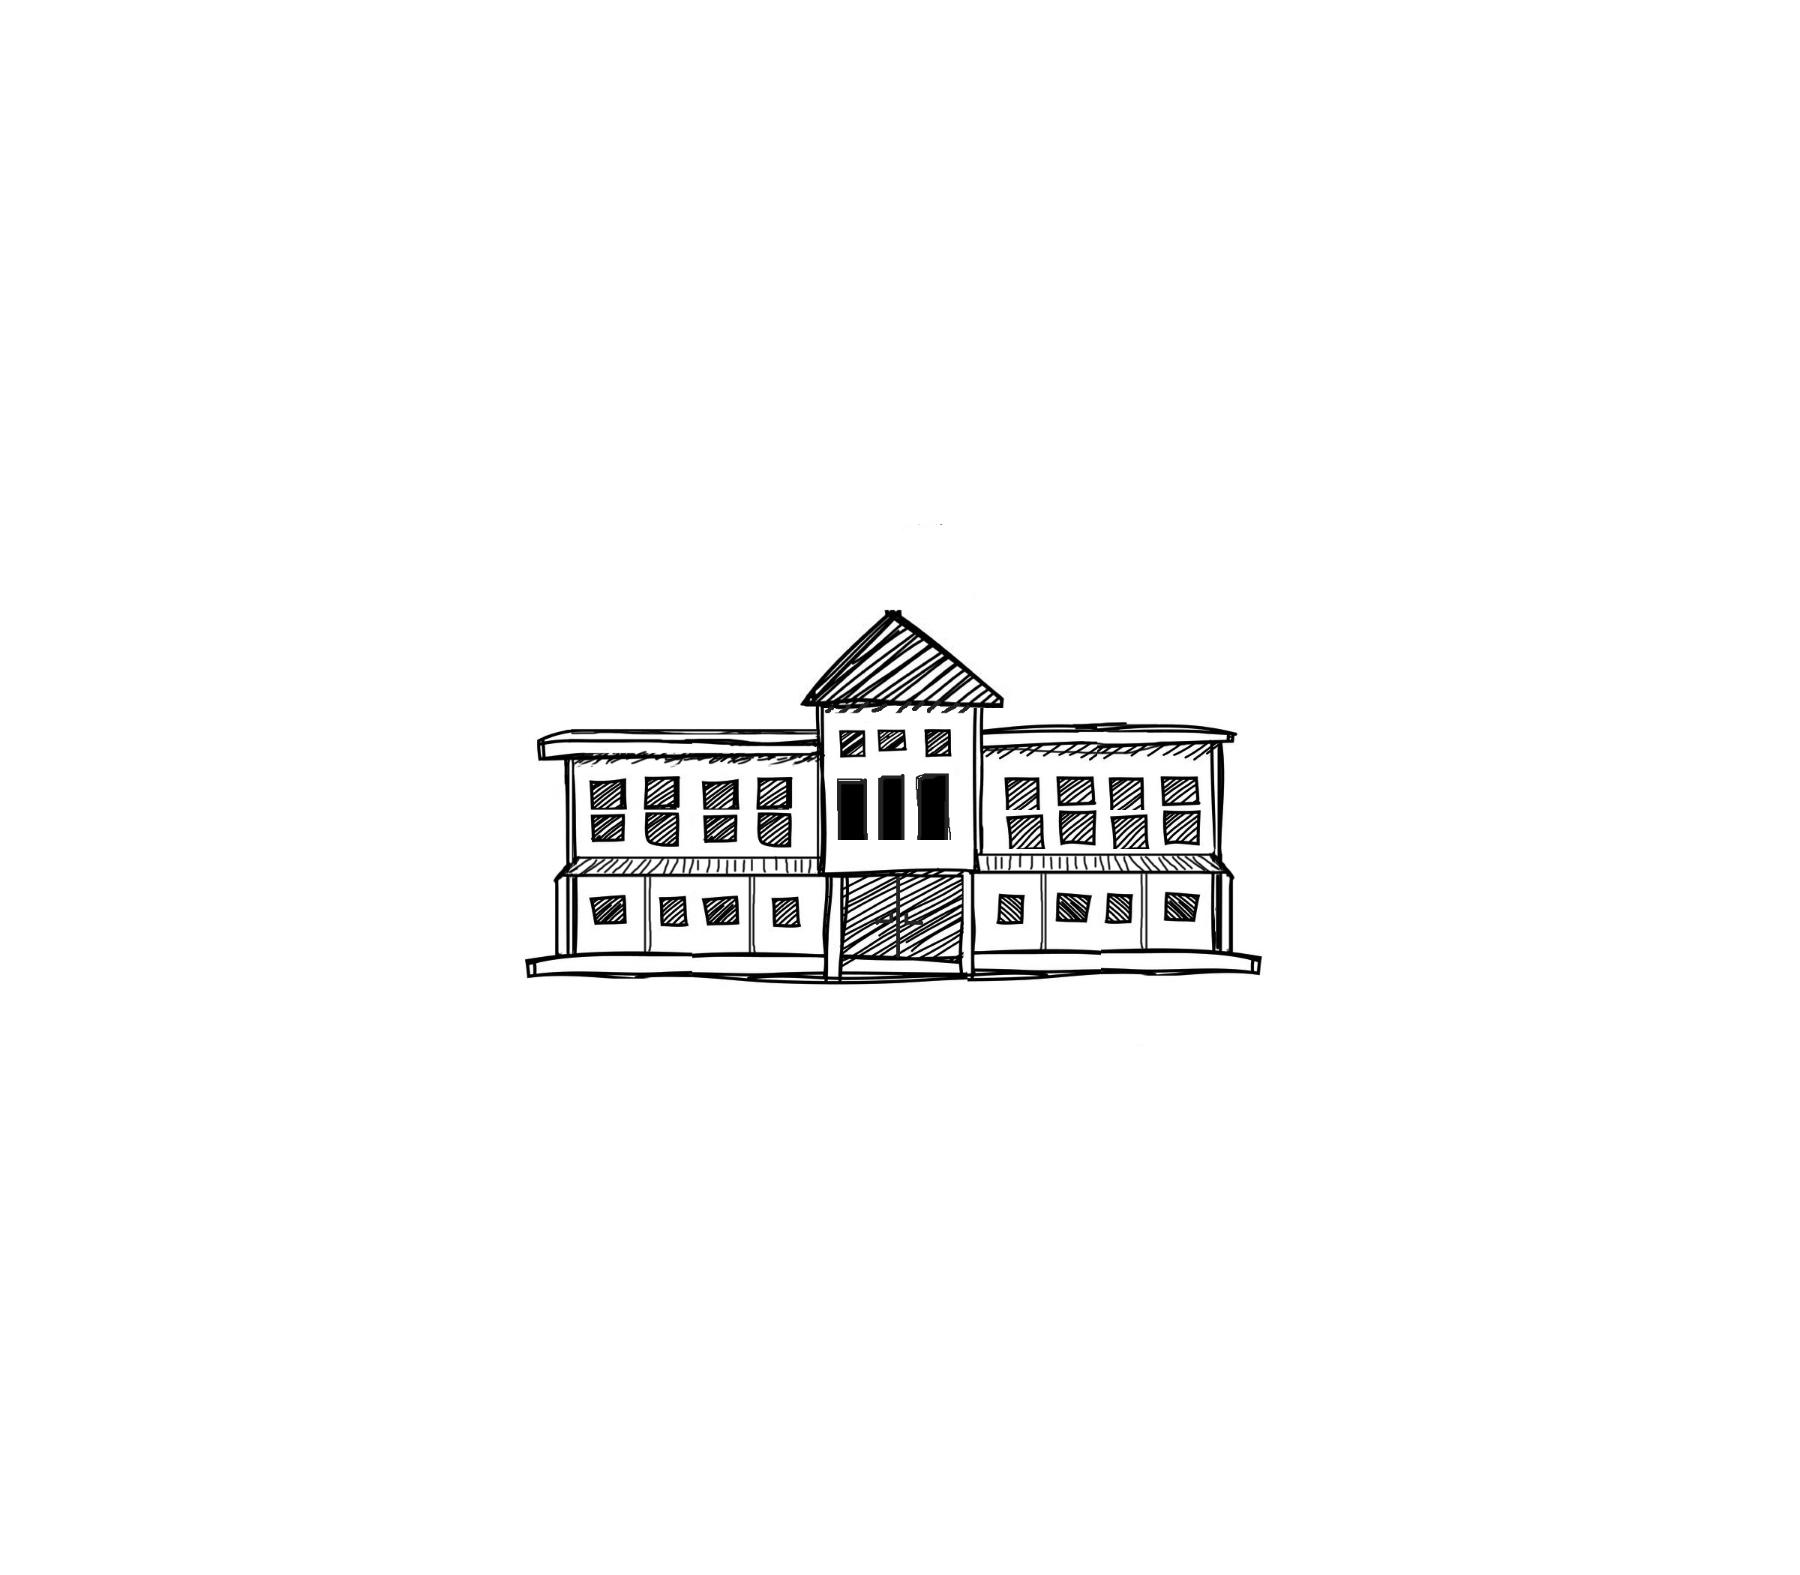 tiny building sketch